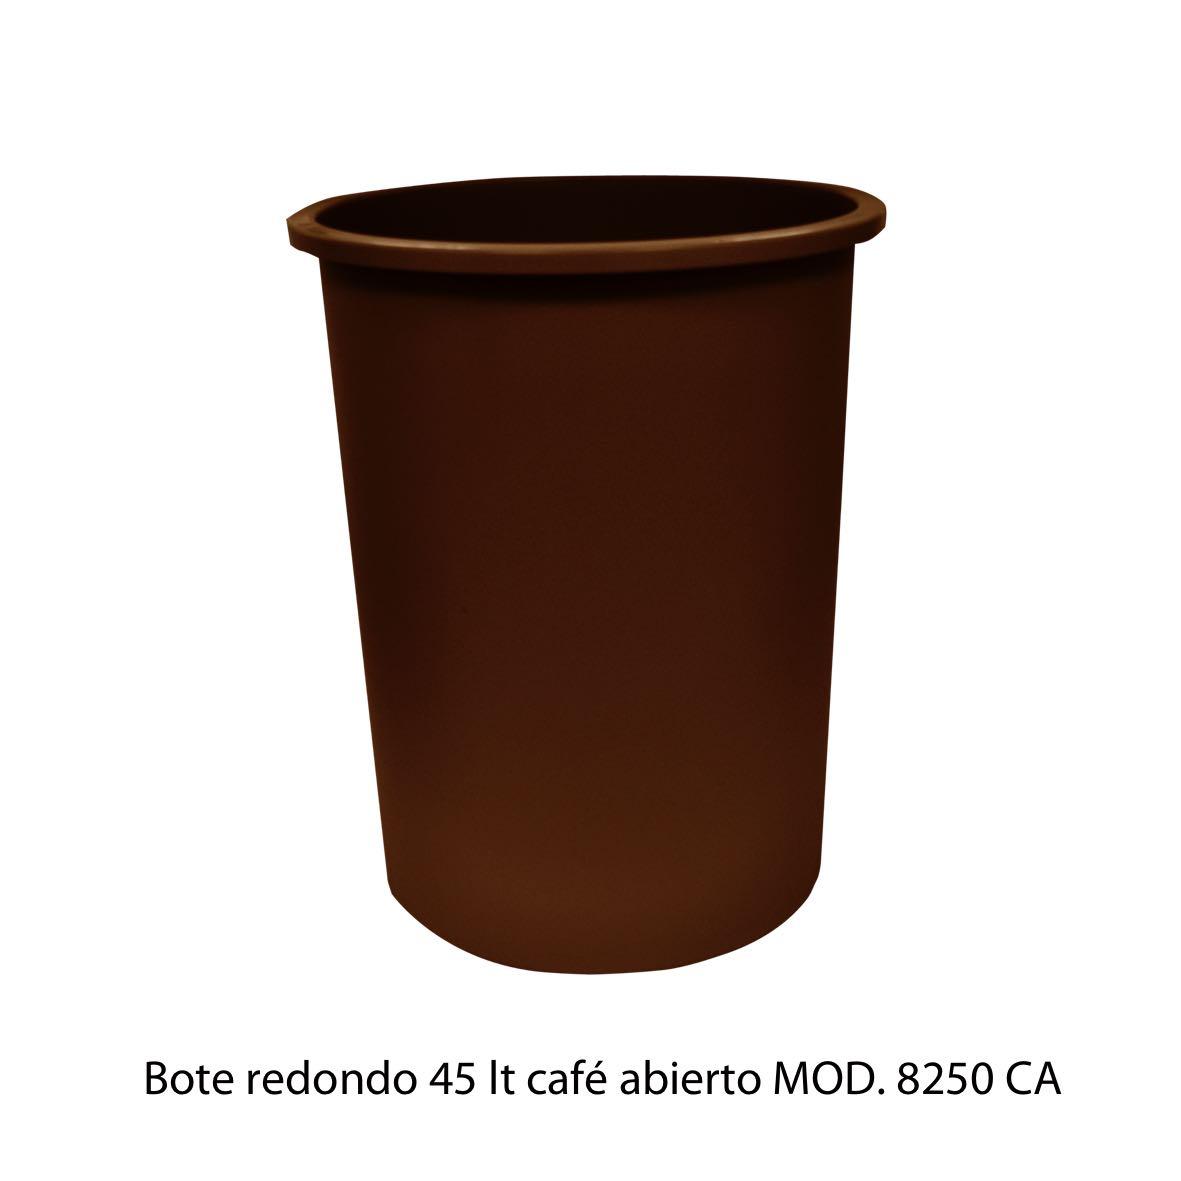 Bote de basura redondo de 45 litros sin tapa color cafe modelo 8250 CA Sablón